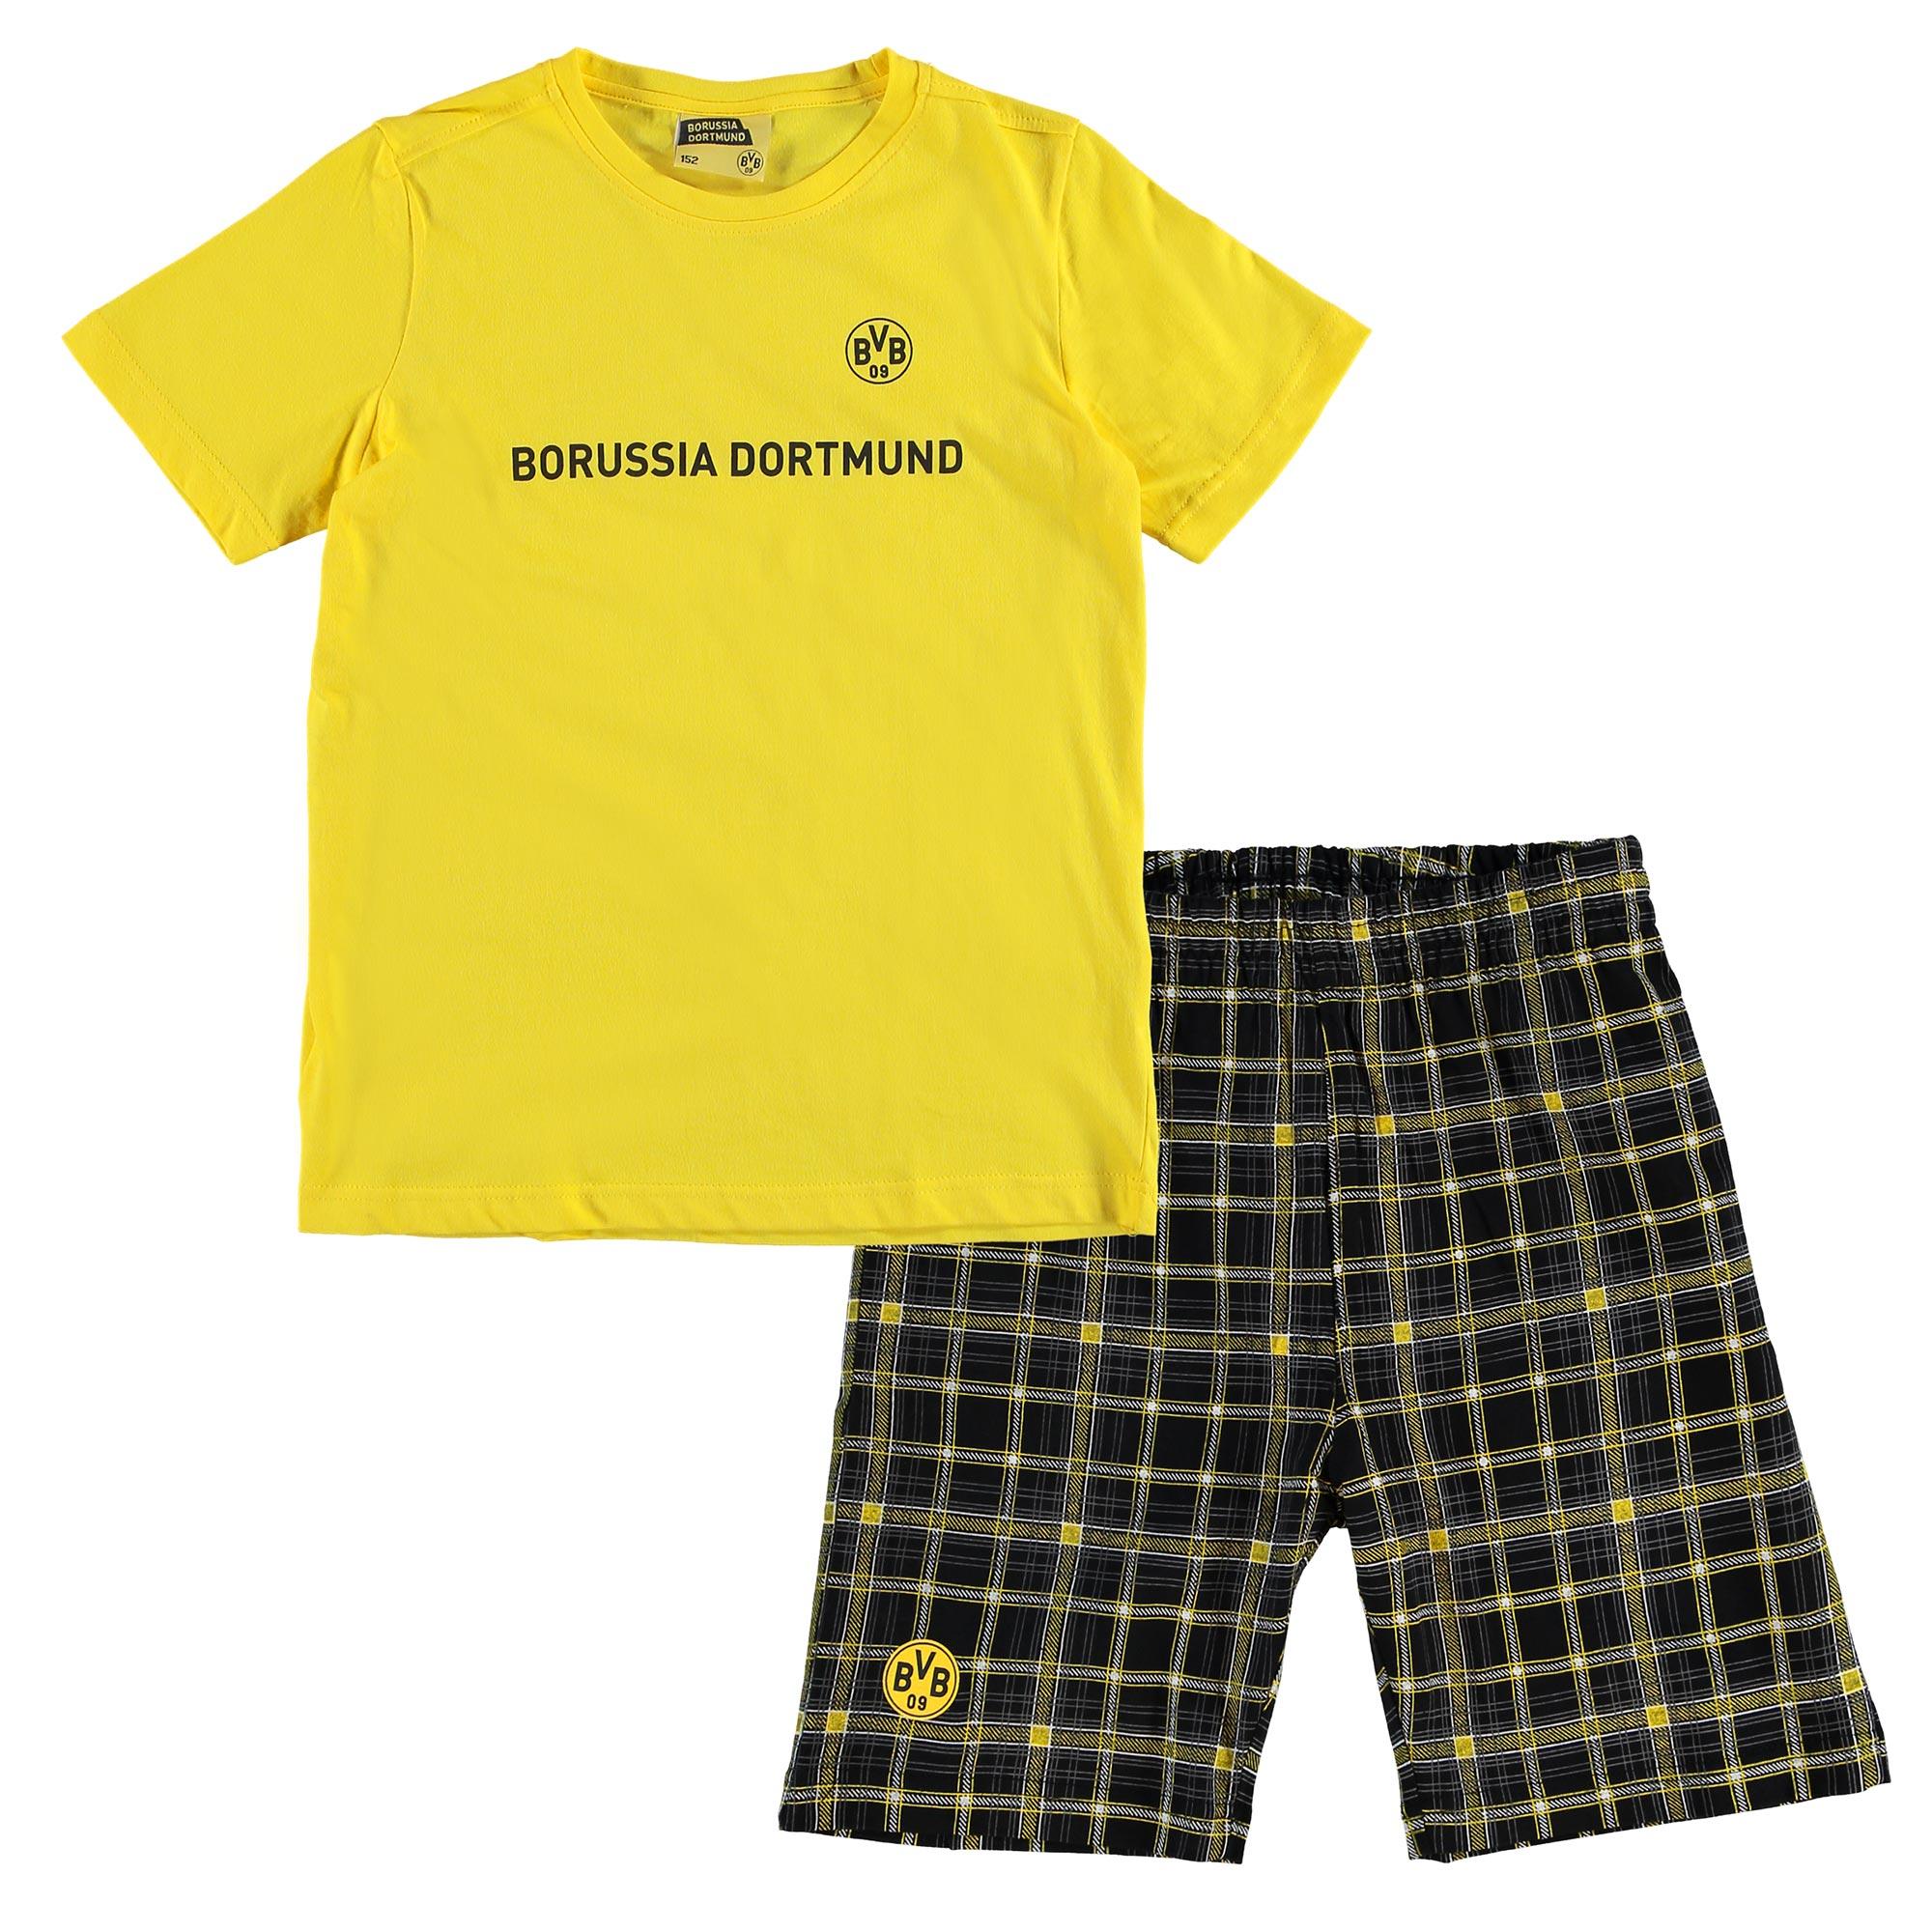 BVB Boys Pyjamas - Yellow/Black